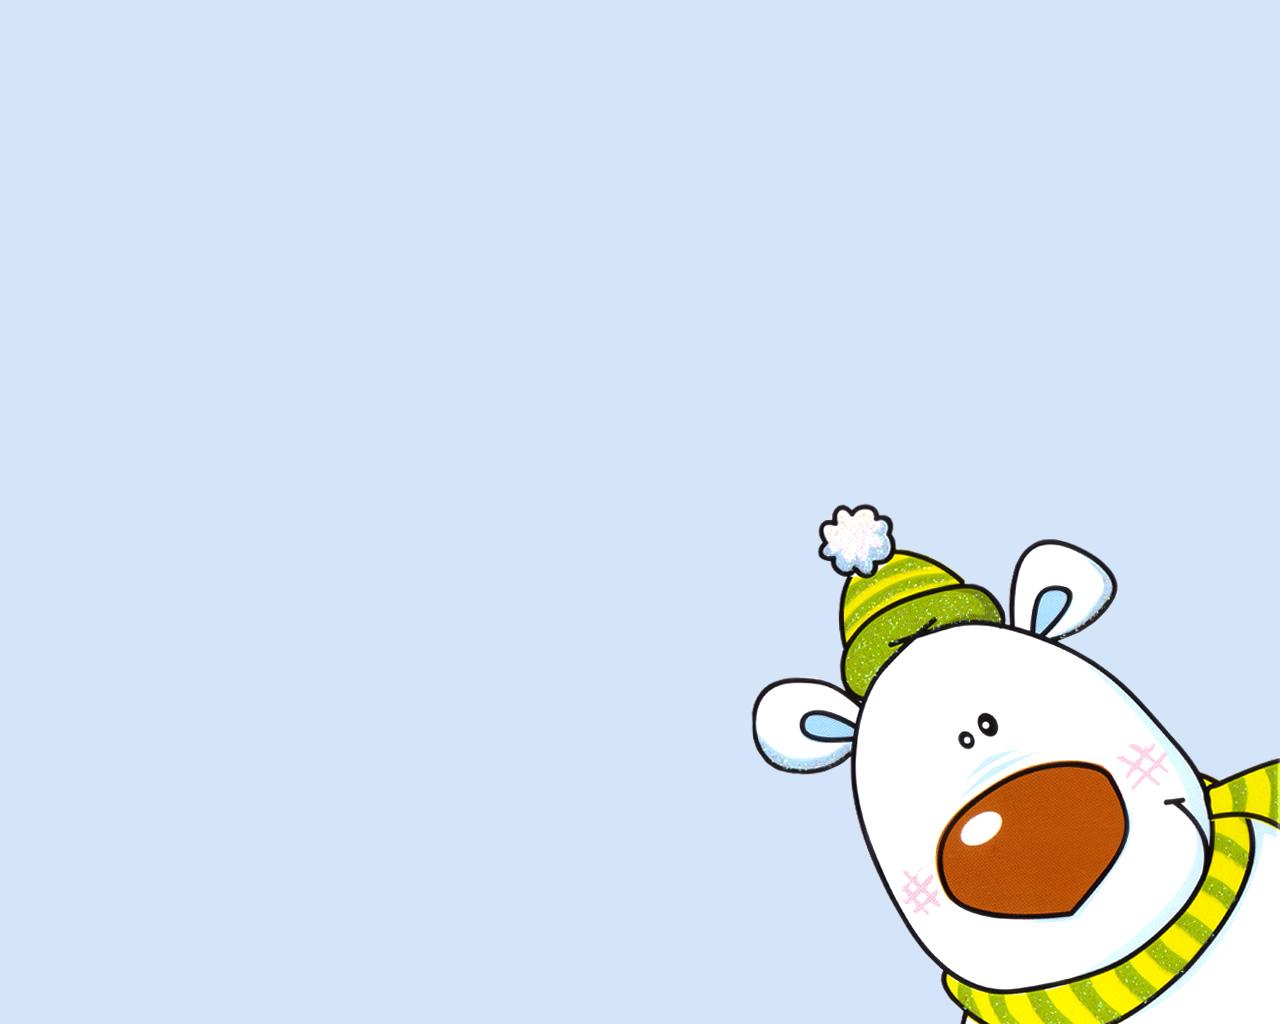 download wallpaper: prettige feestdagen van ijsbeer wallpaper